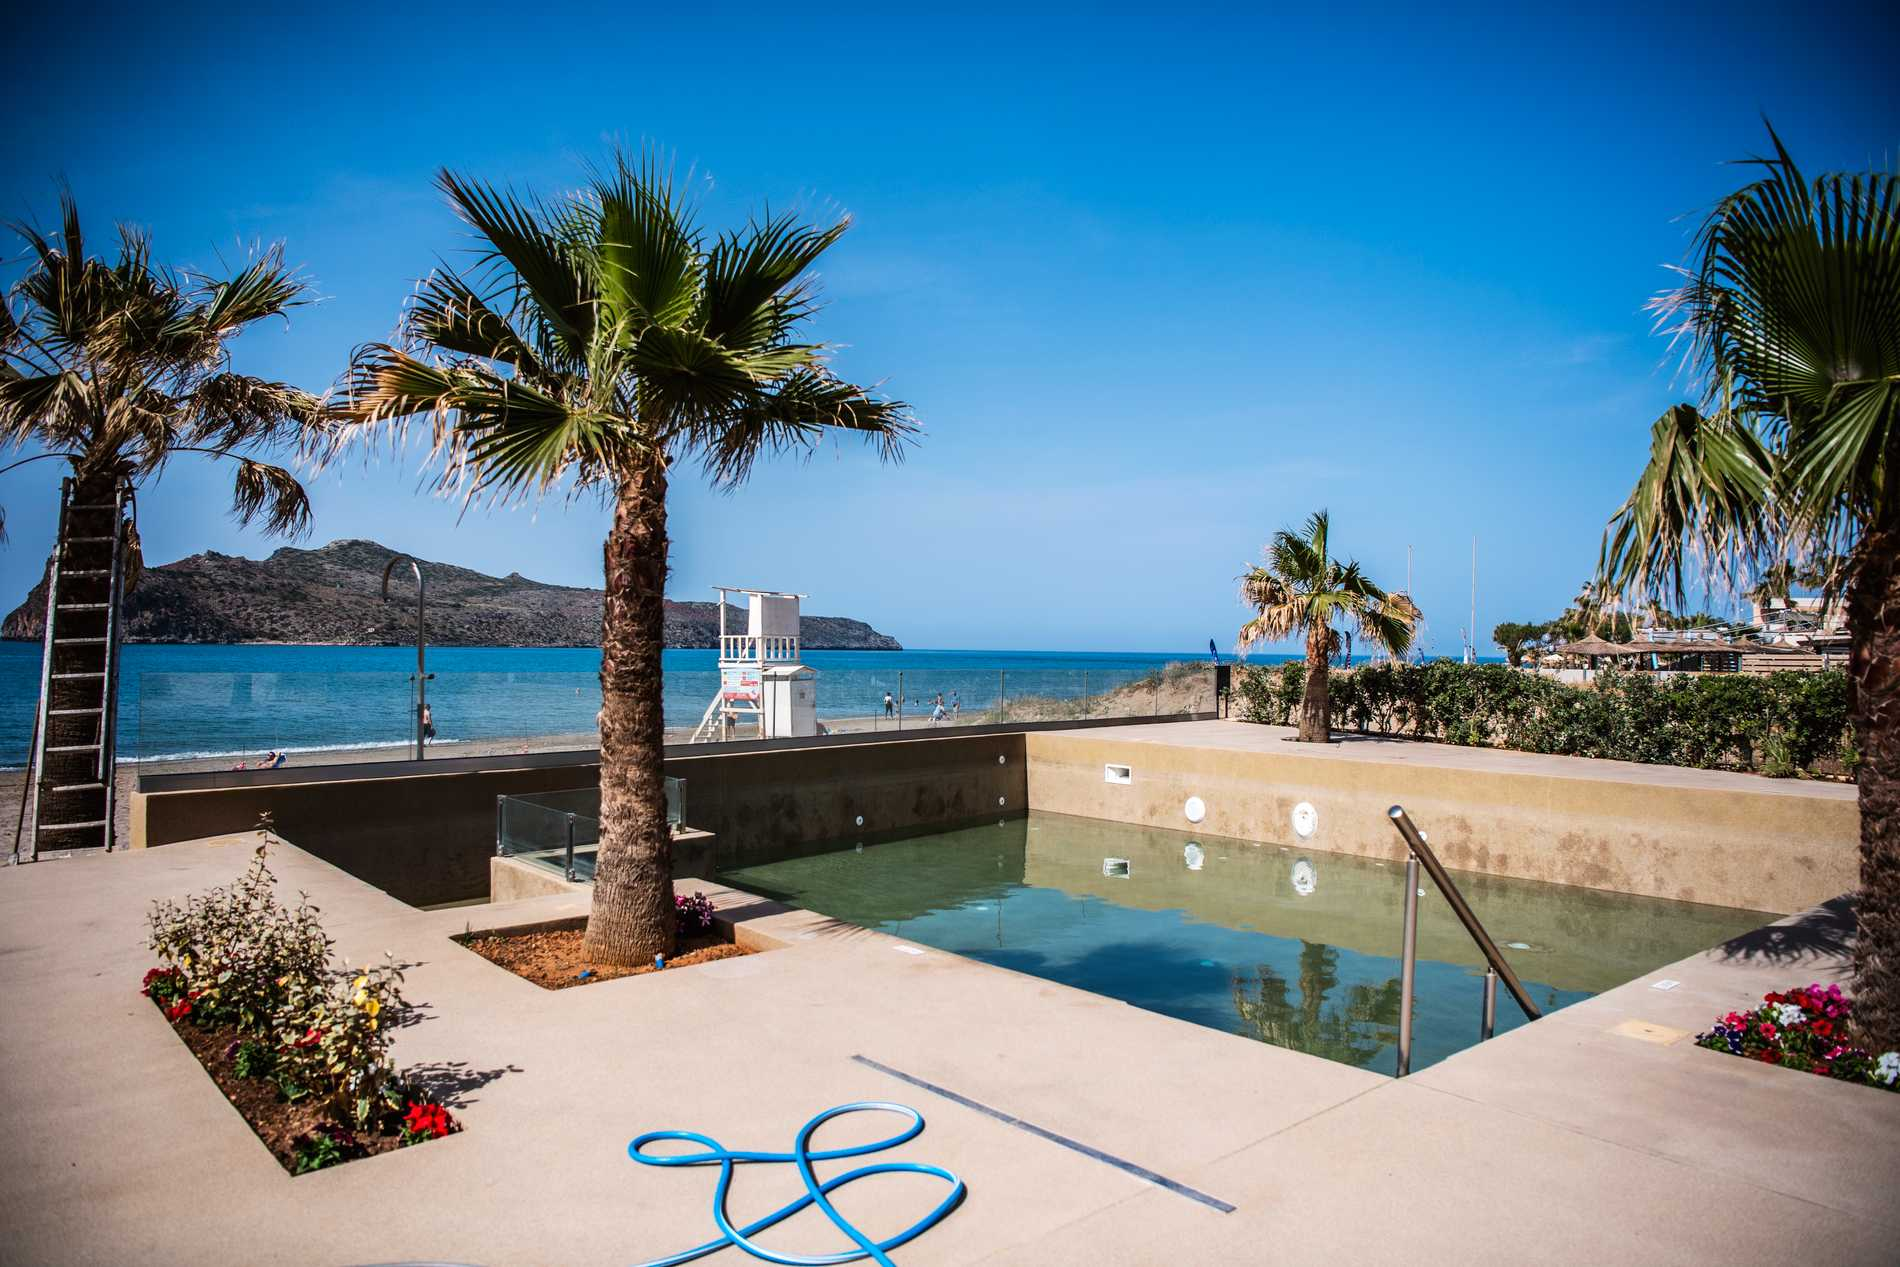 Giorgos och familjen laddar för att ta emot turister till sommaren, på Virginia Beach Hotel.